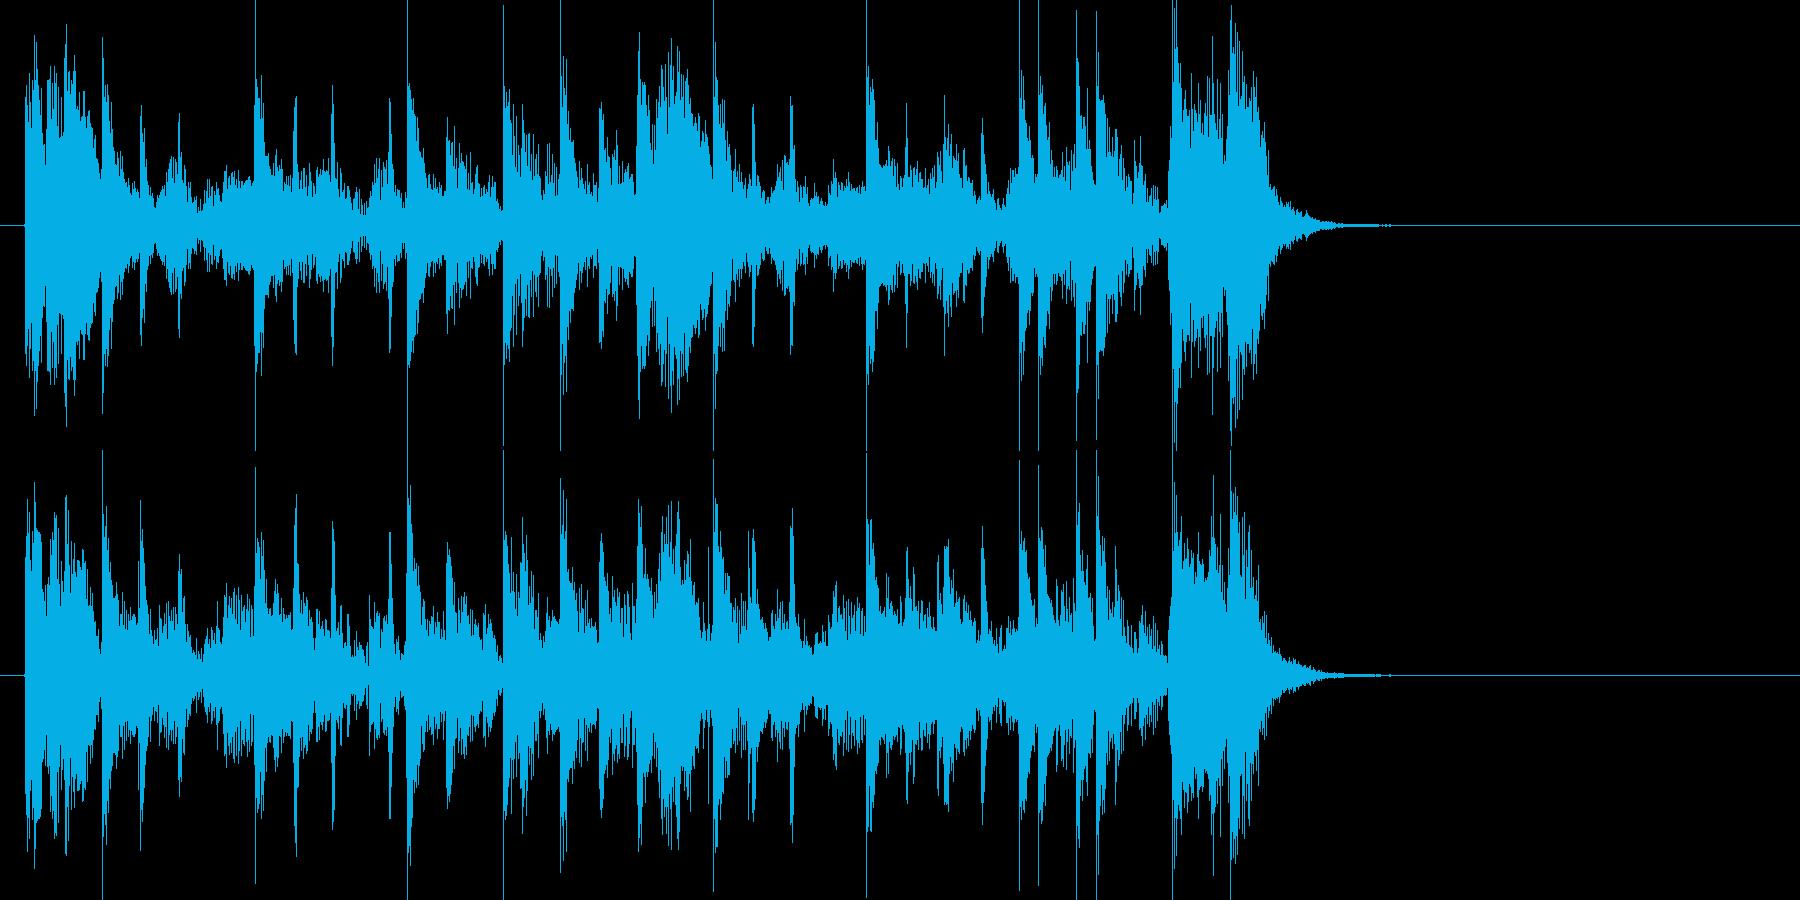 特徴的なベースラインが光るジングルの再生済みの波形